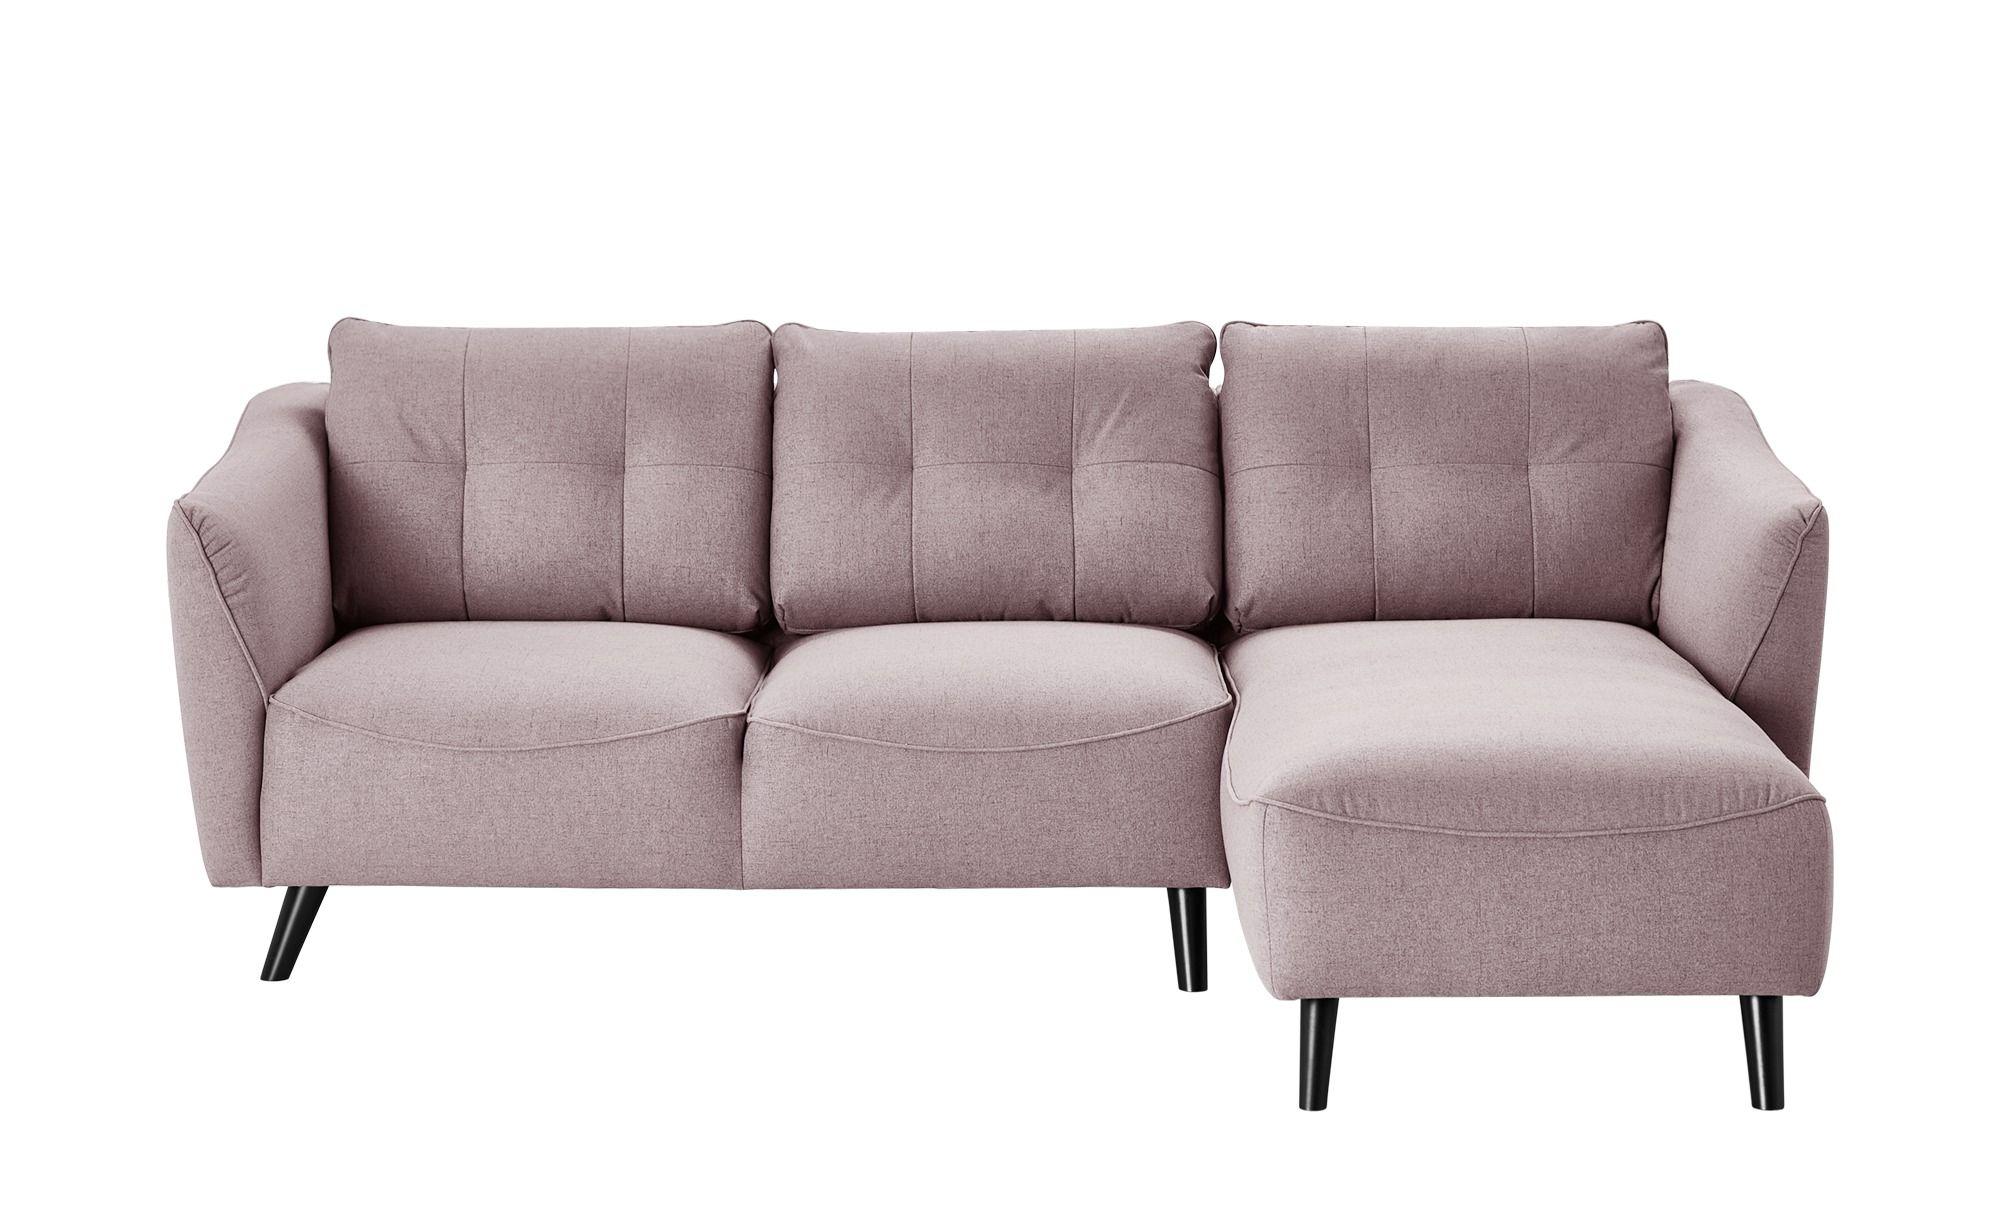 big sofa g nstig online kaufen baci living room. Black Bedroom Furniture Sets. Home Design Ideas